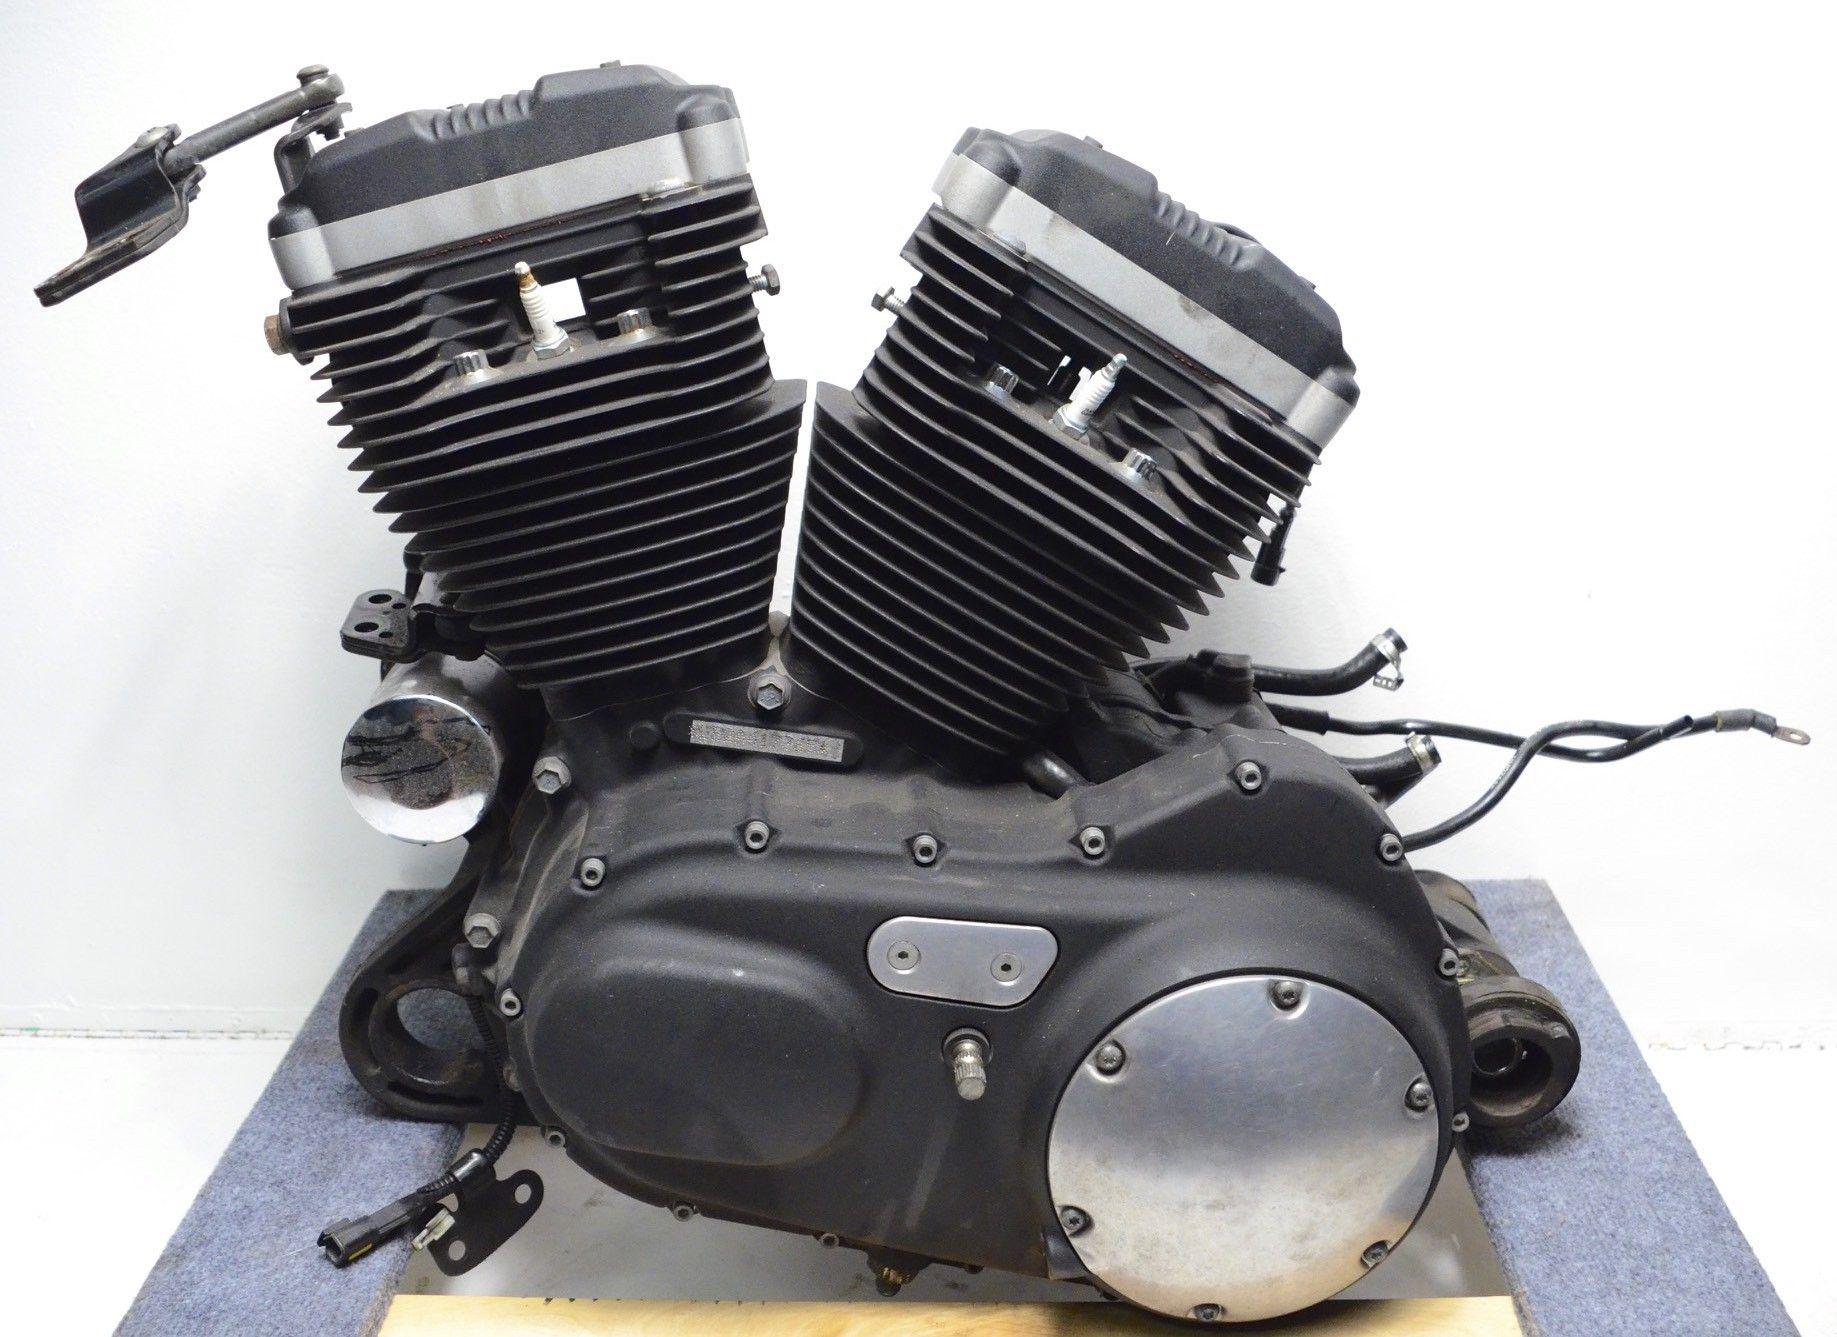 harley davidson 883 engine harley engines motores. Black Bedroom Furniture Sets. Home Design Ideas